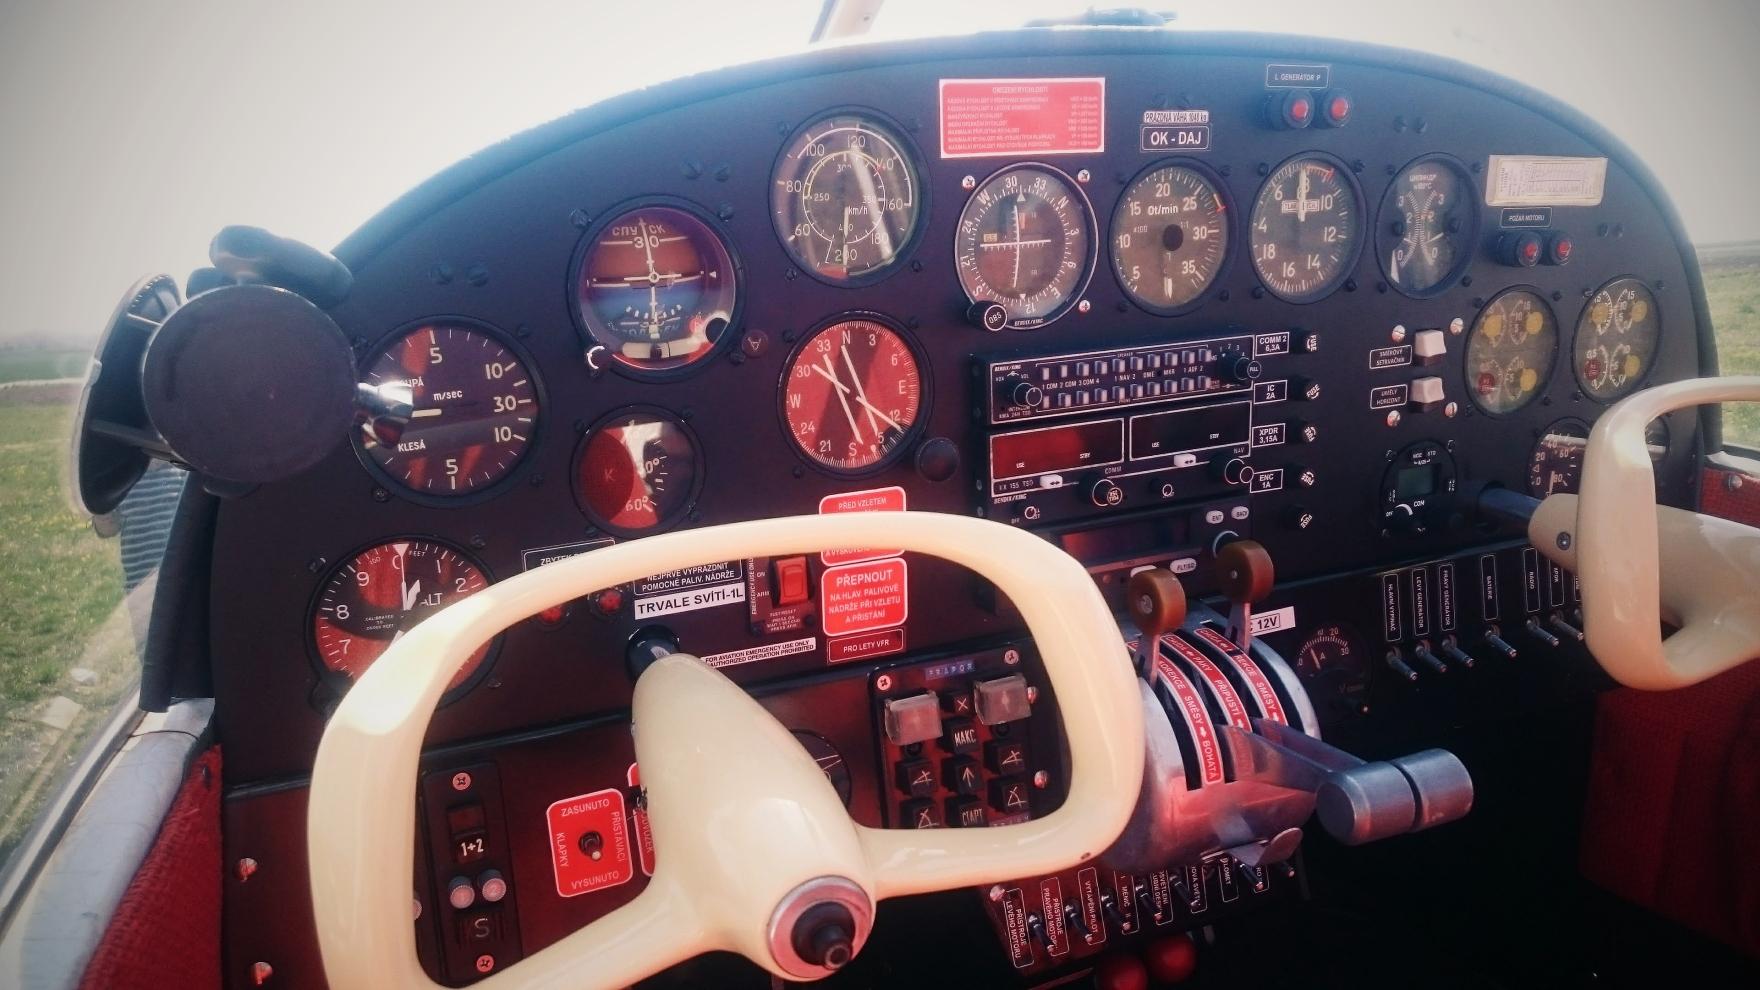 Airwine_aeroae145